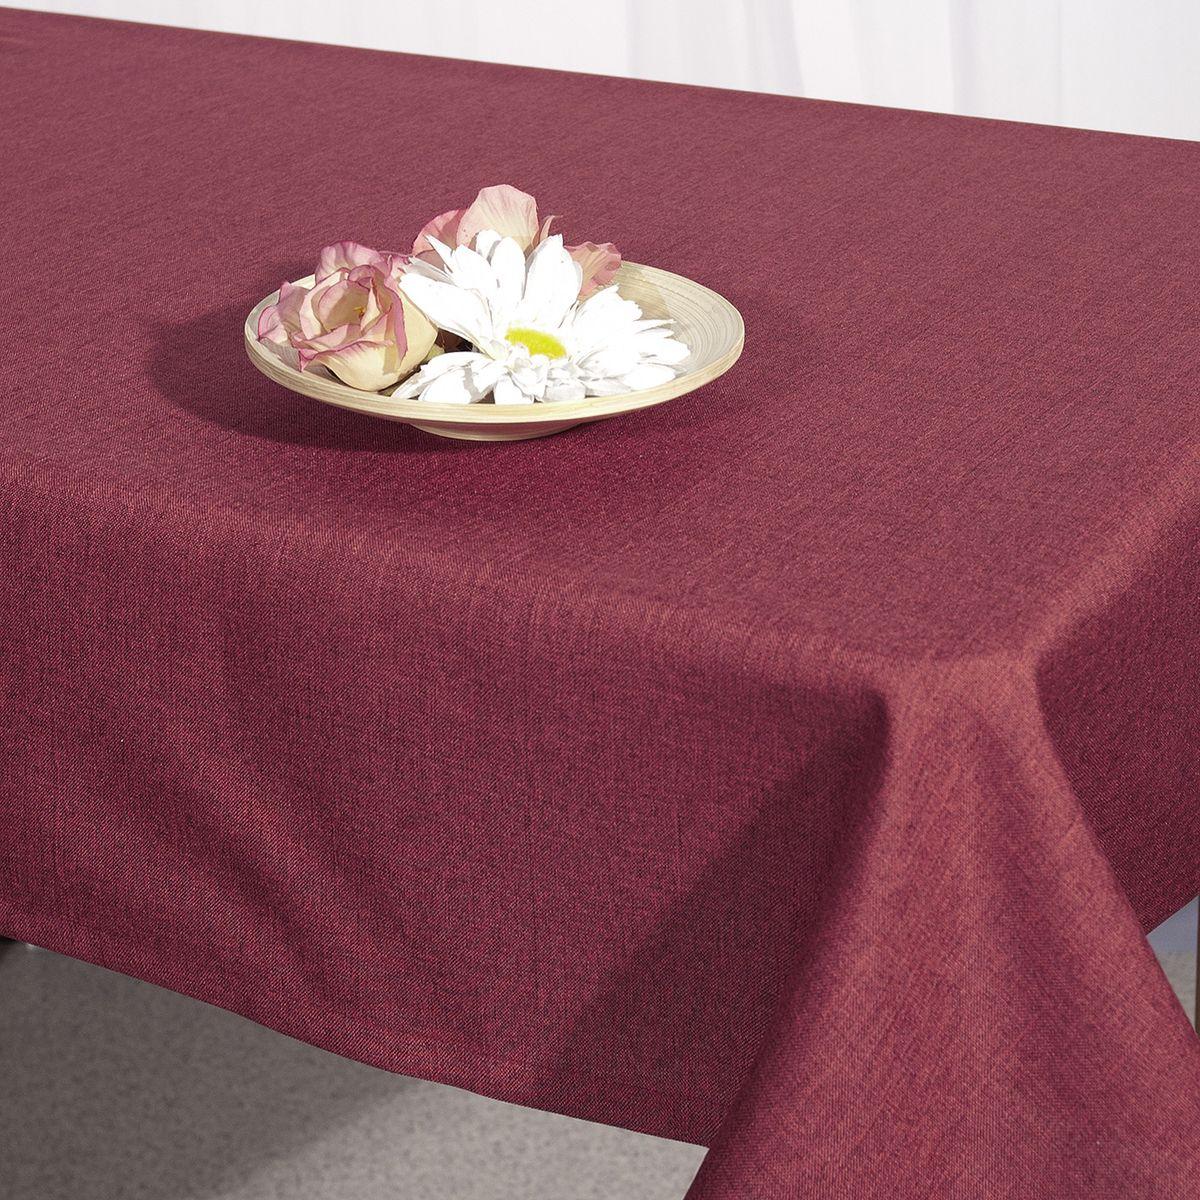 Скатерть Schaefer, прямоугольная, цвет: бордовый, 130 x 170 см. 07056-429VT-1520(SR)Стильная скатерть Schaefer выполнена из полиэстера.Изделия из полиэстера легко стирать: они не мнутся, не садятся и быстро сохнут, они более долговечны, чем изделия из натуральных волокон.Немецкая компания Schaefer создана в 1921 году. На протяжении всего времени существования она создает уникальные коллекции домашнего текстиля для гостиных, спален, кухонь и ванных комнат. Дизайнерские идеи немецких художников компании Schaefer воплощаются в текстильных изделиях, которые сделают ваш дом красивее и уютнее и не останутся незамеченными вашими гостями. Дарите себе и близким красоту каждый день!